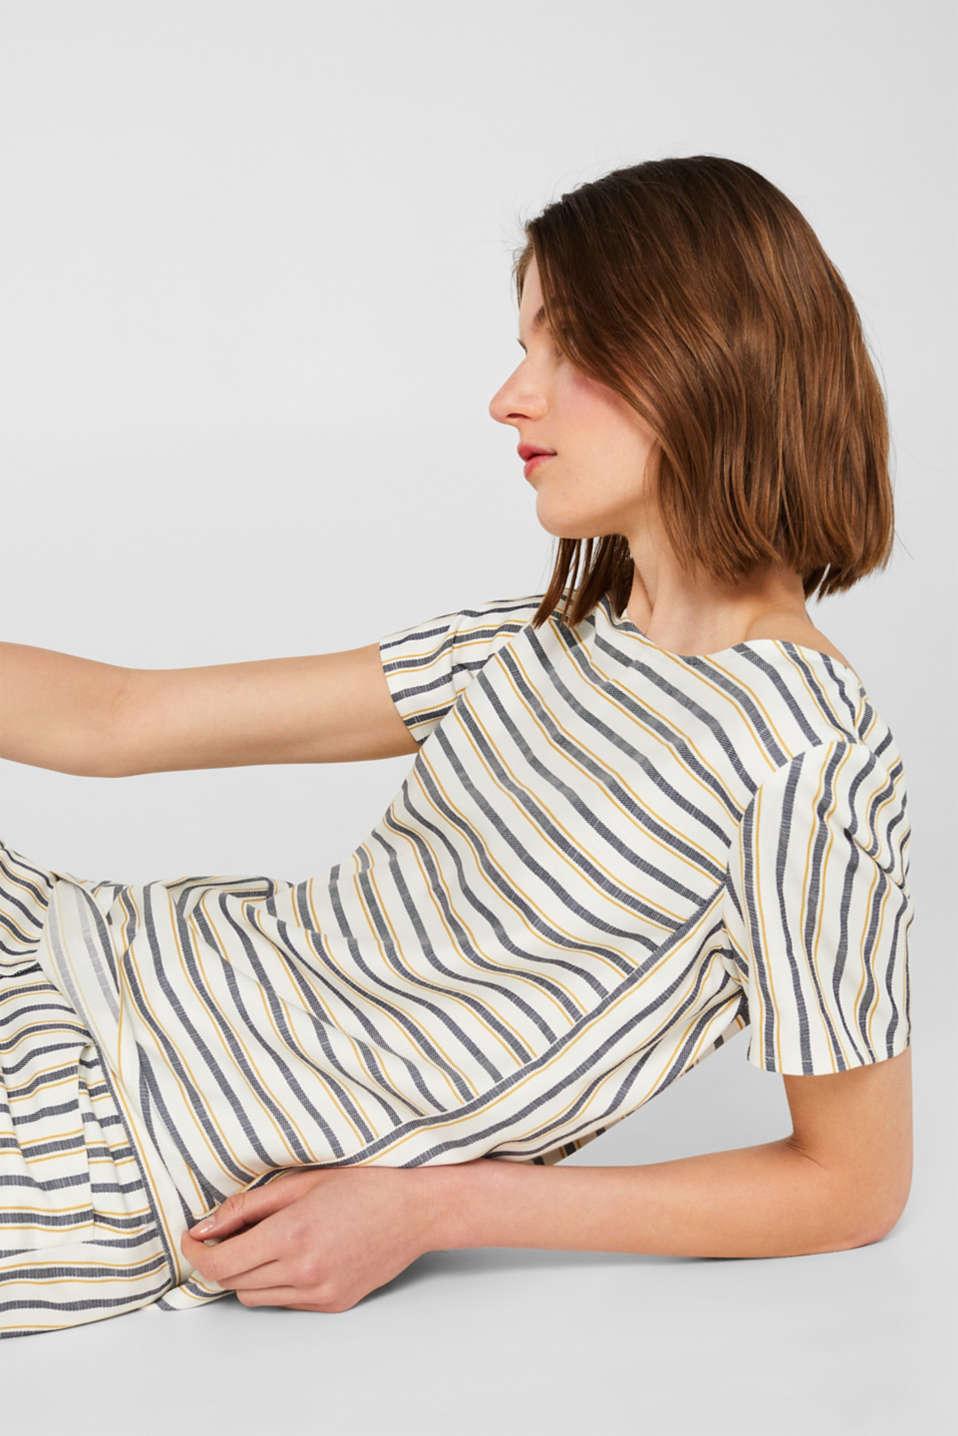 ceec4bd79387e4 Esprit - Striped blouse with a metal zip at our Online Shop